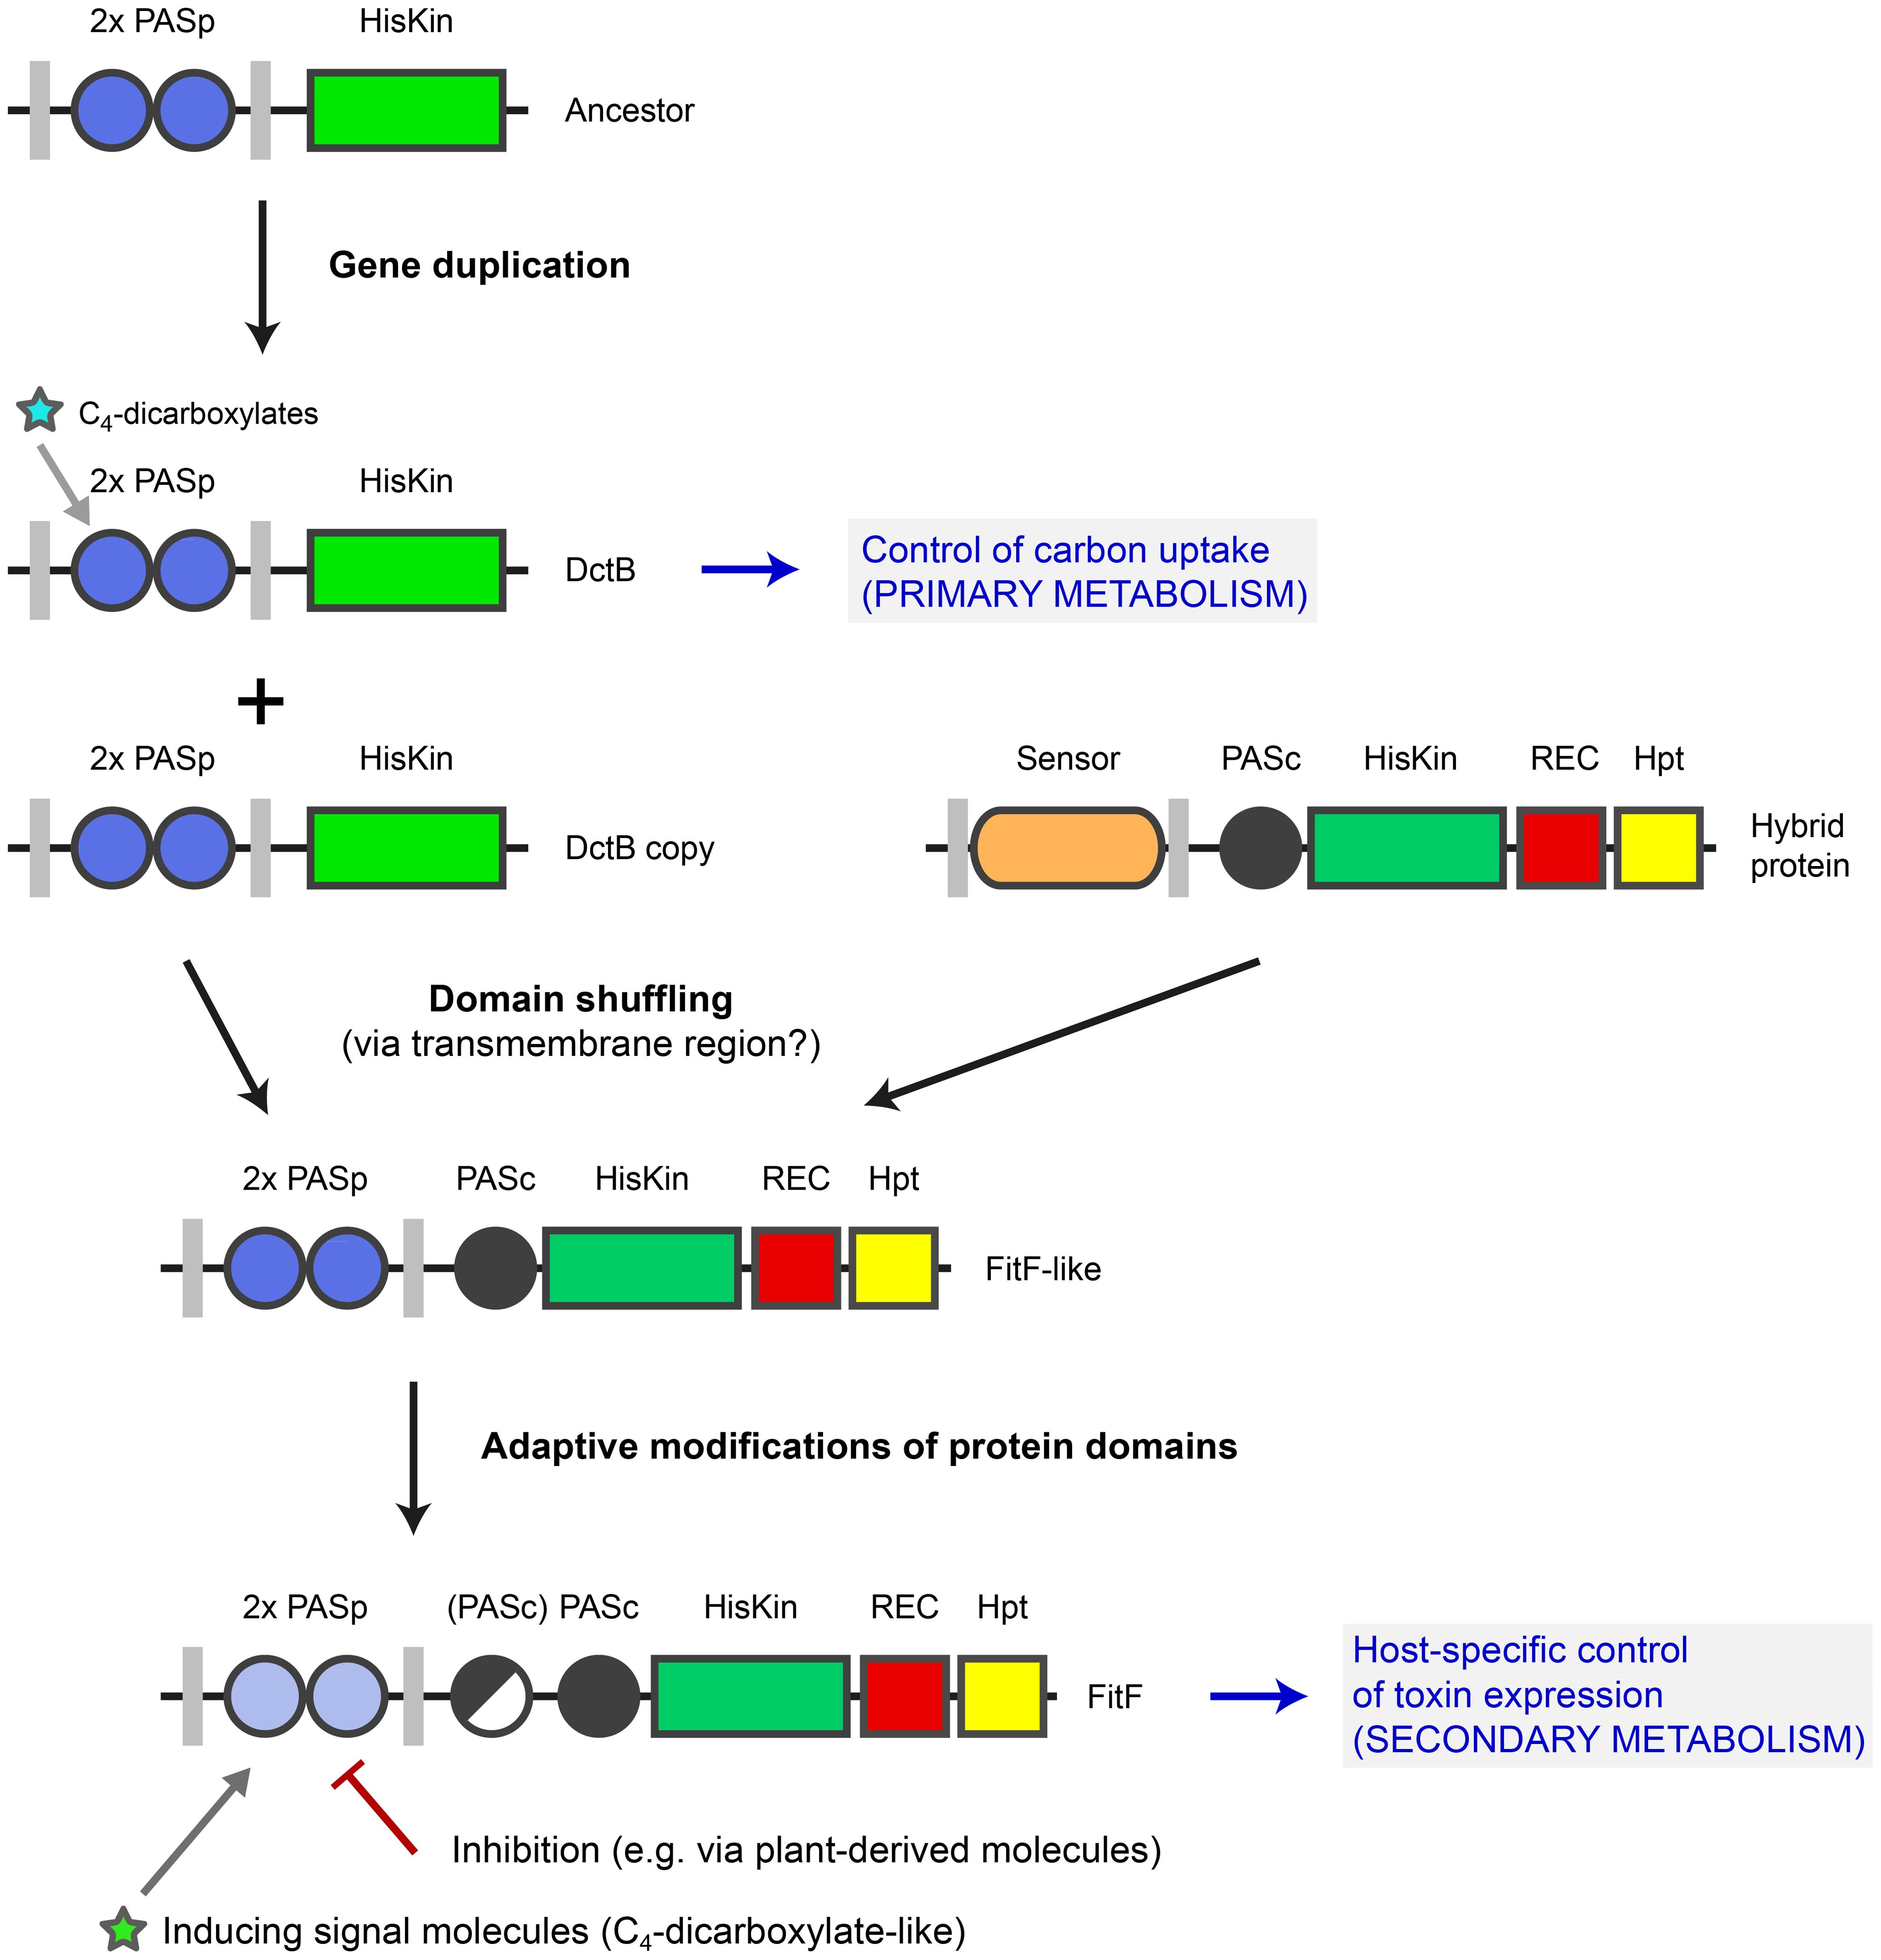 Model for evolution of FitF via a domain shuffling event involving a DctB ancestor.